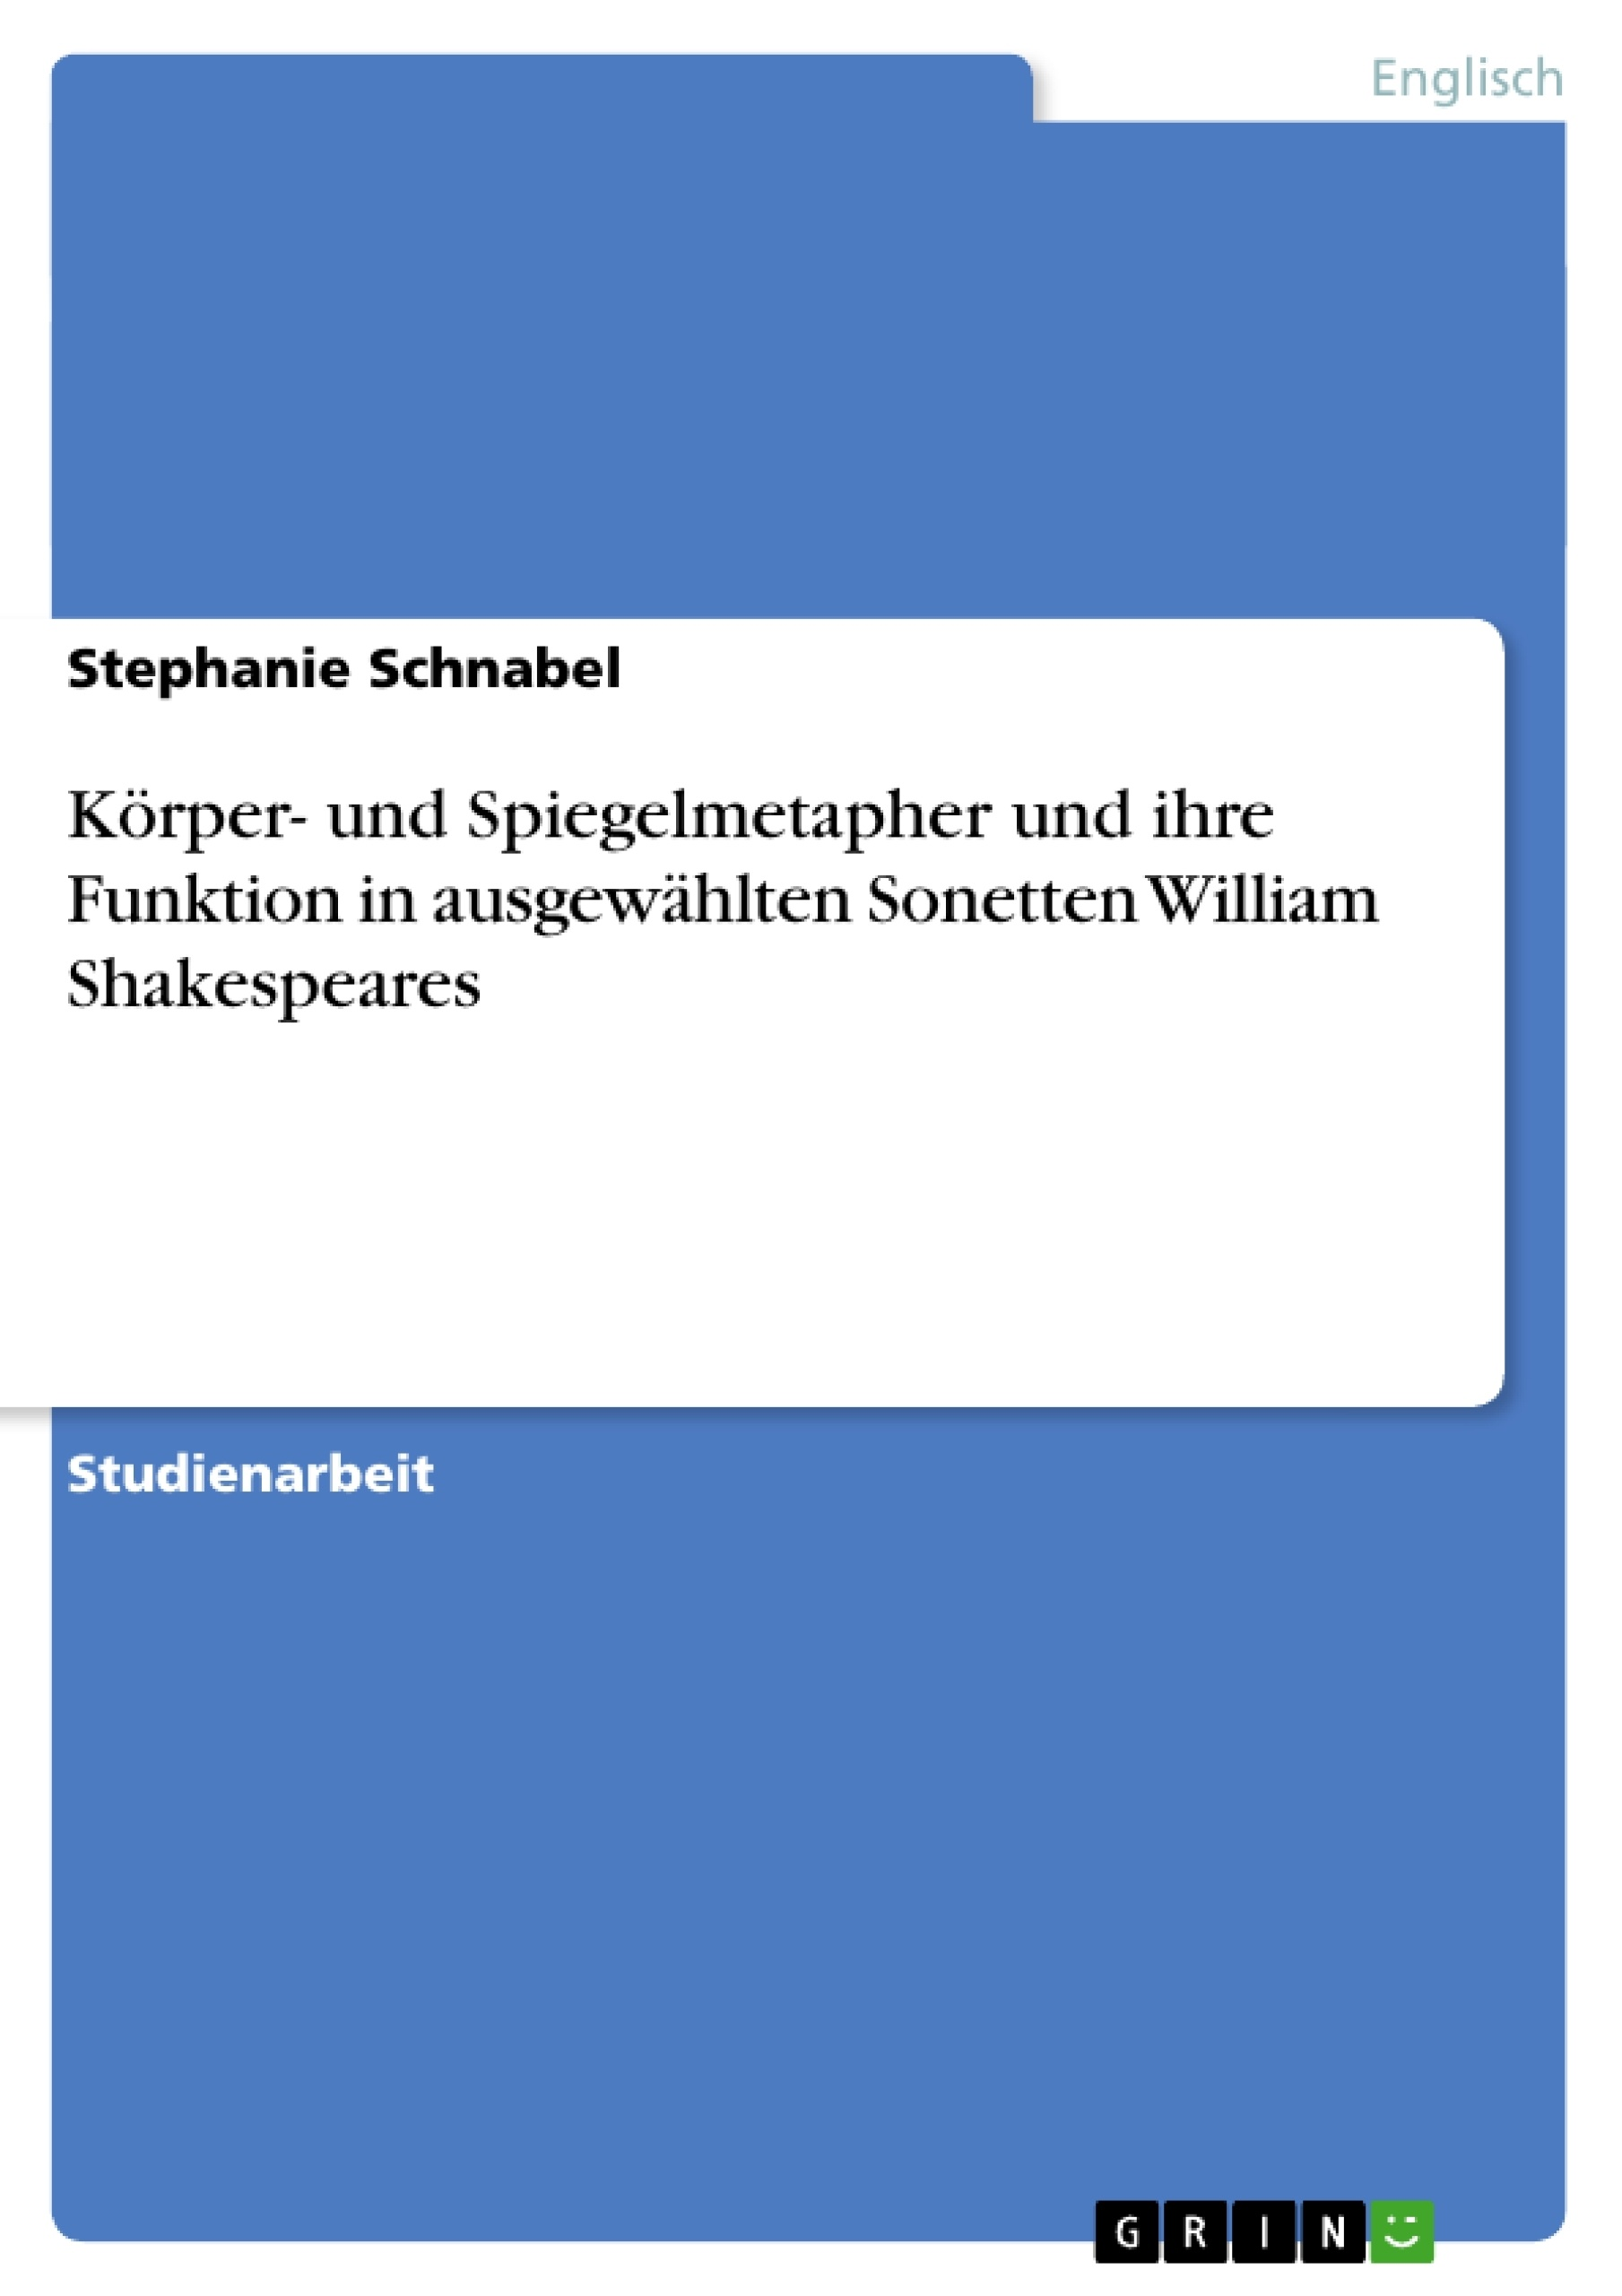 Titel: Körper- und Spiegelmetapher und ihre Funktion in ausgewählten Sonetten William Shakespeares